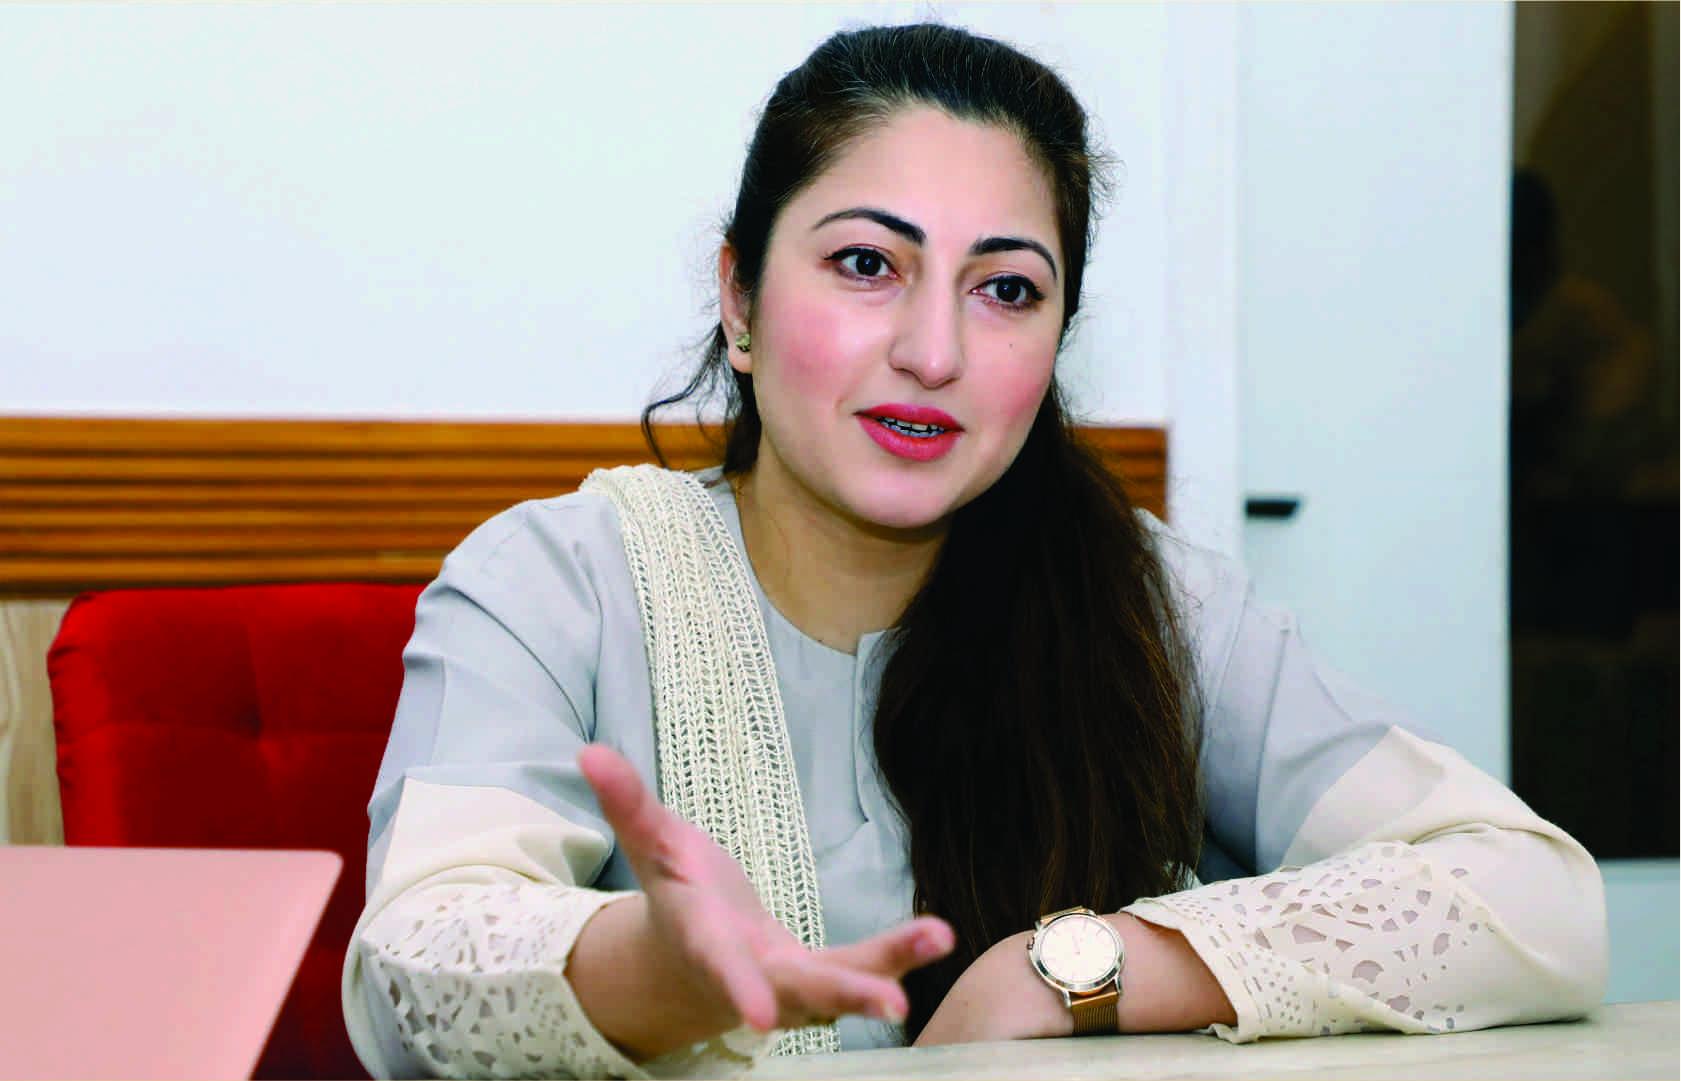 Meet Sana Durrani: A proud art restorer-conservator from Pakistan